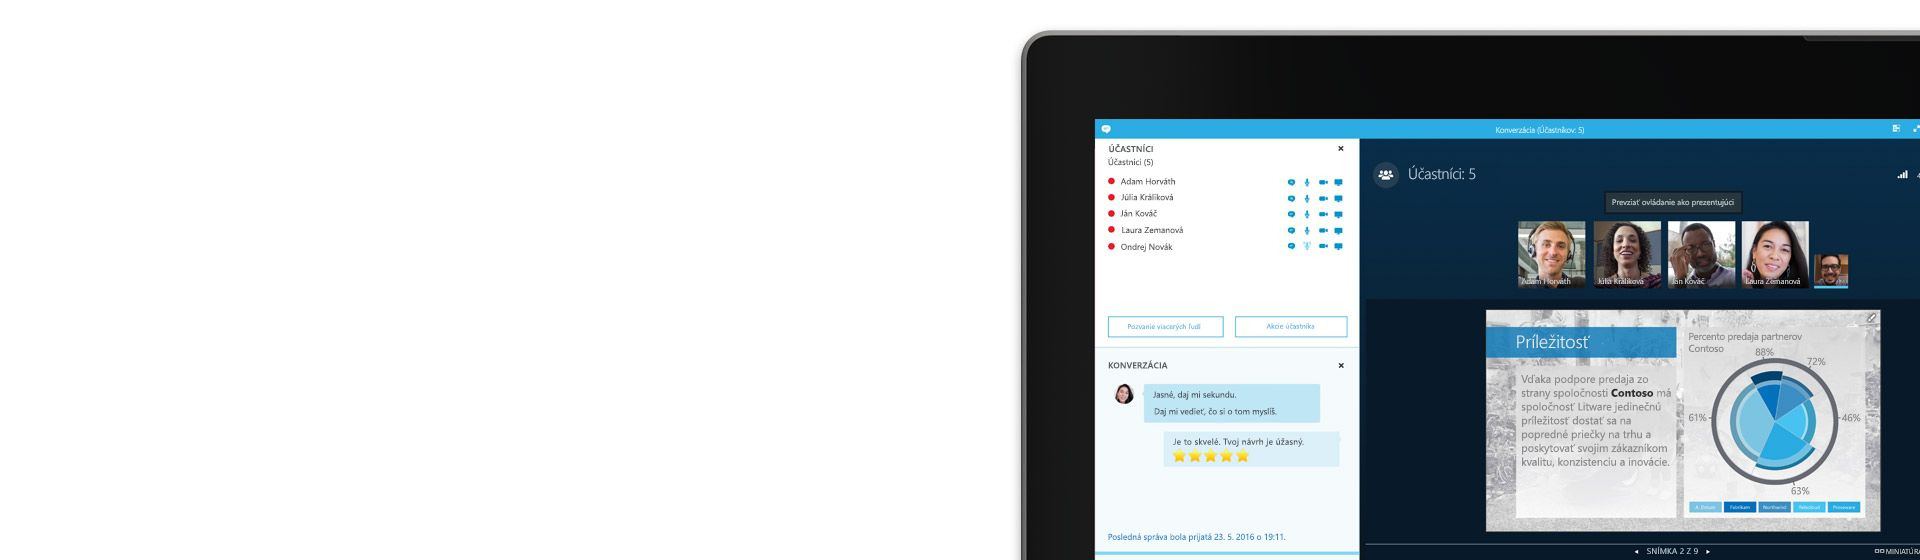 Roh obrazovky počítača zobrazujúcej online schôdzu azoznam účastníkov vSkype for Business